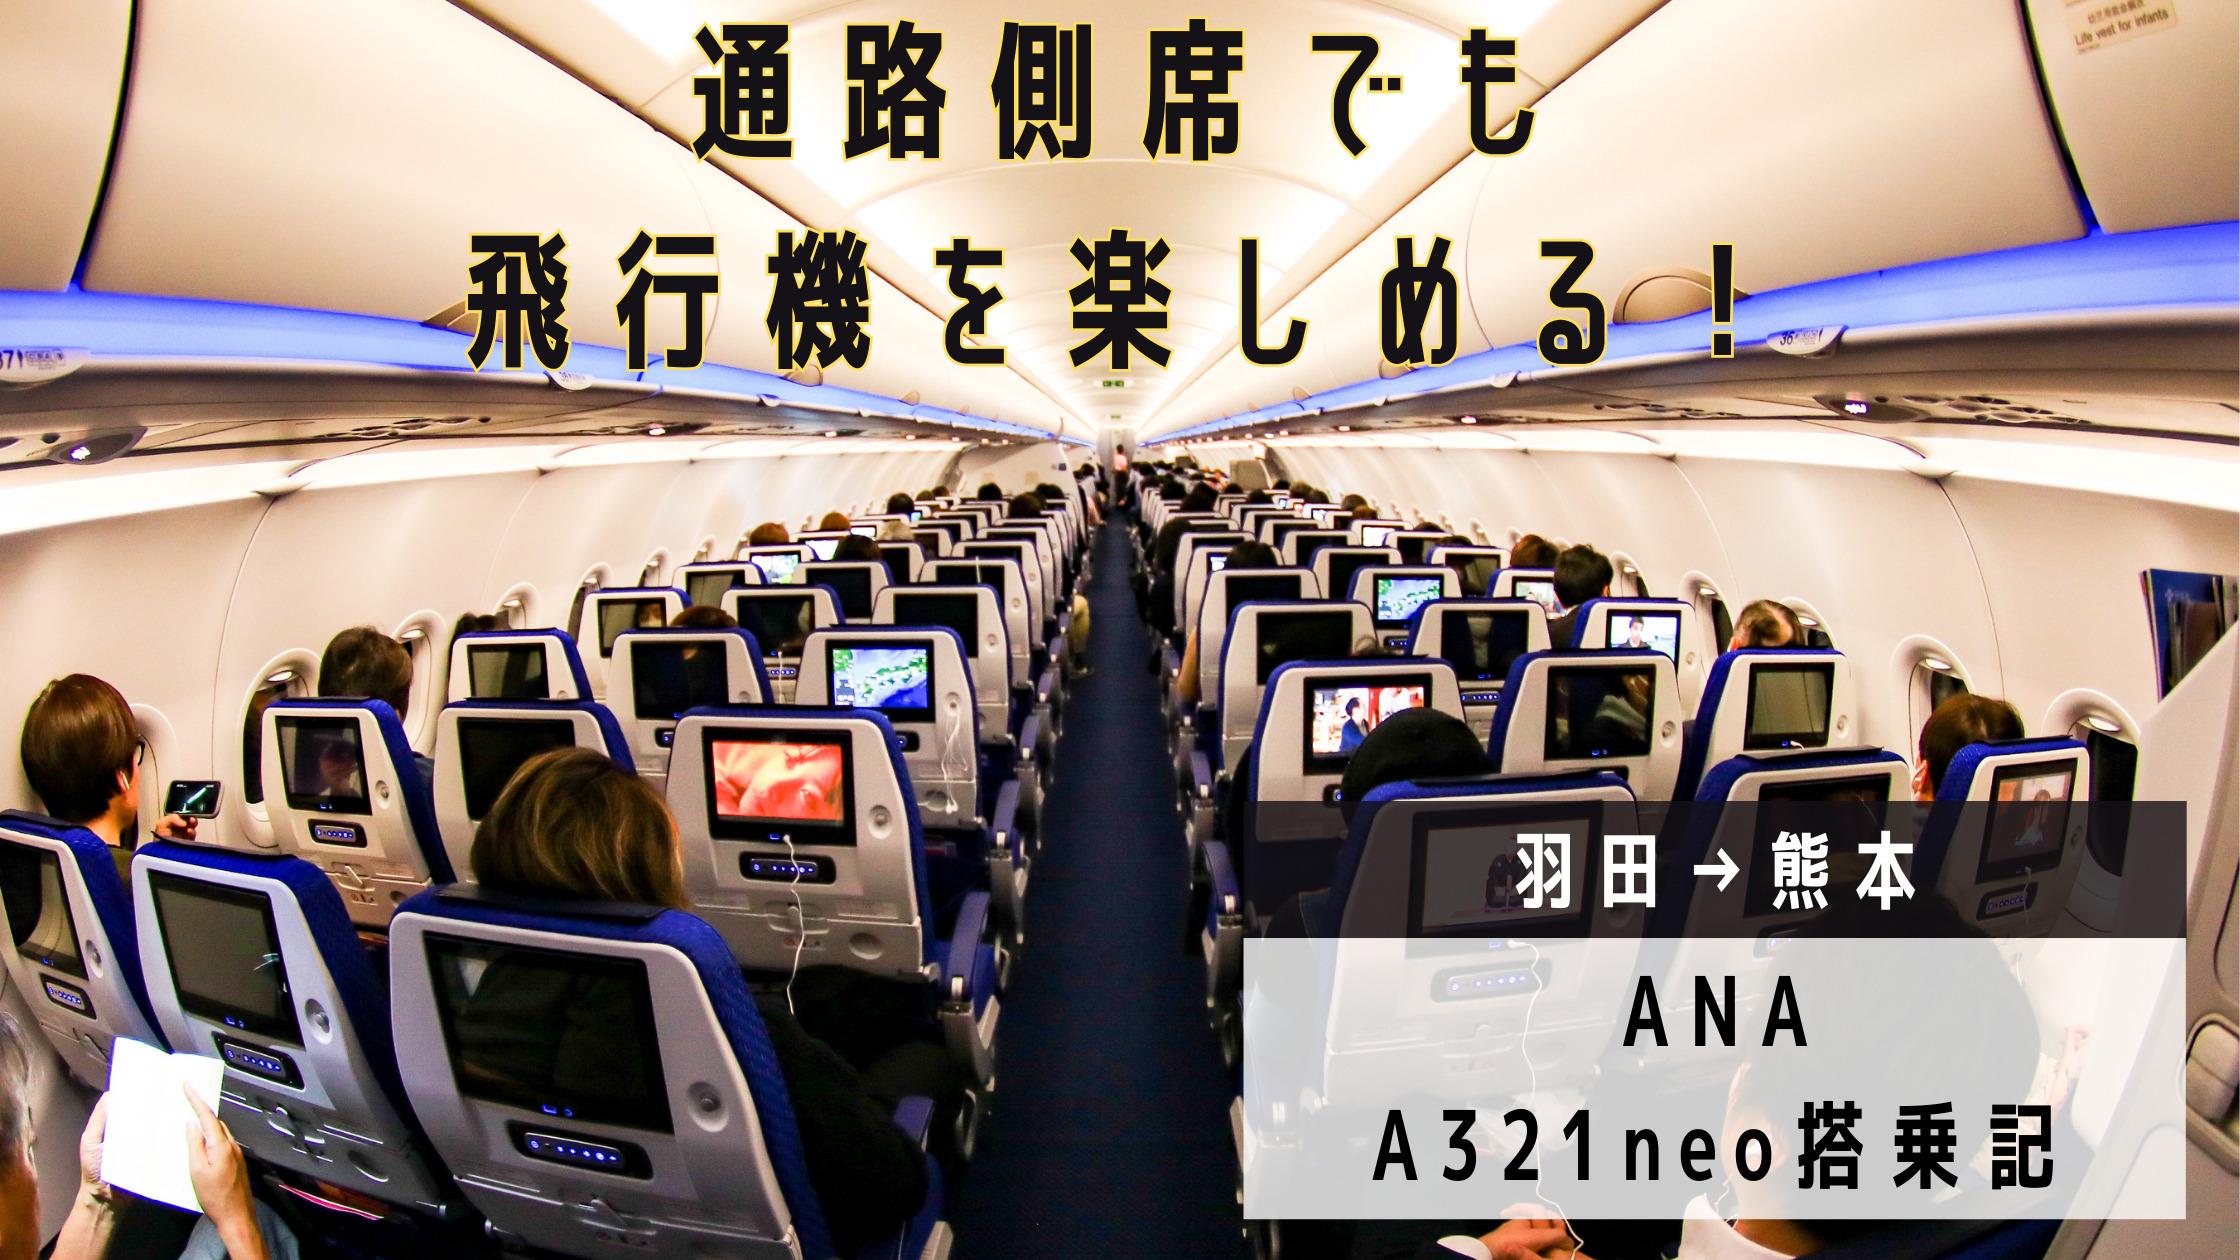 羽田→熊本】最新鋭の機内設備は通路側席でも十分楽しめる!全日本空輸 ...